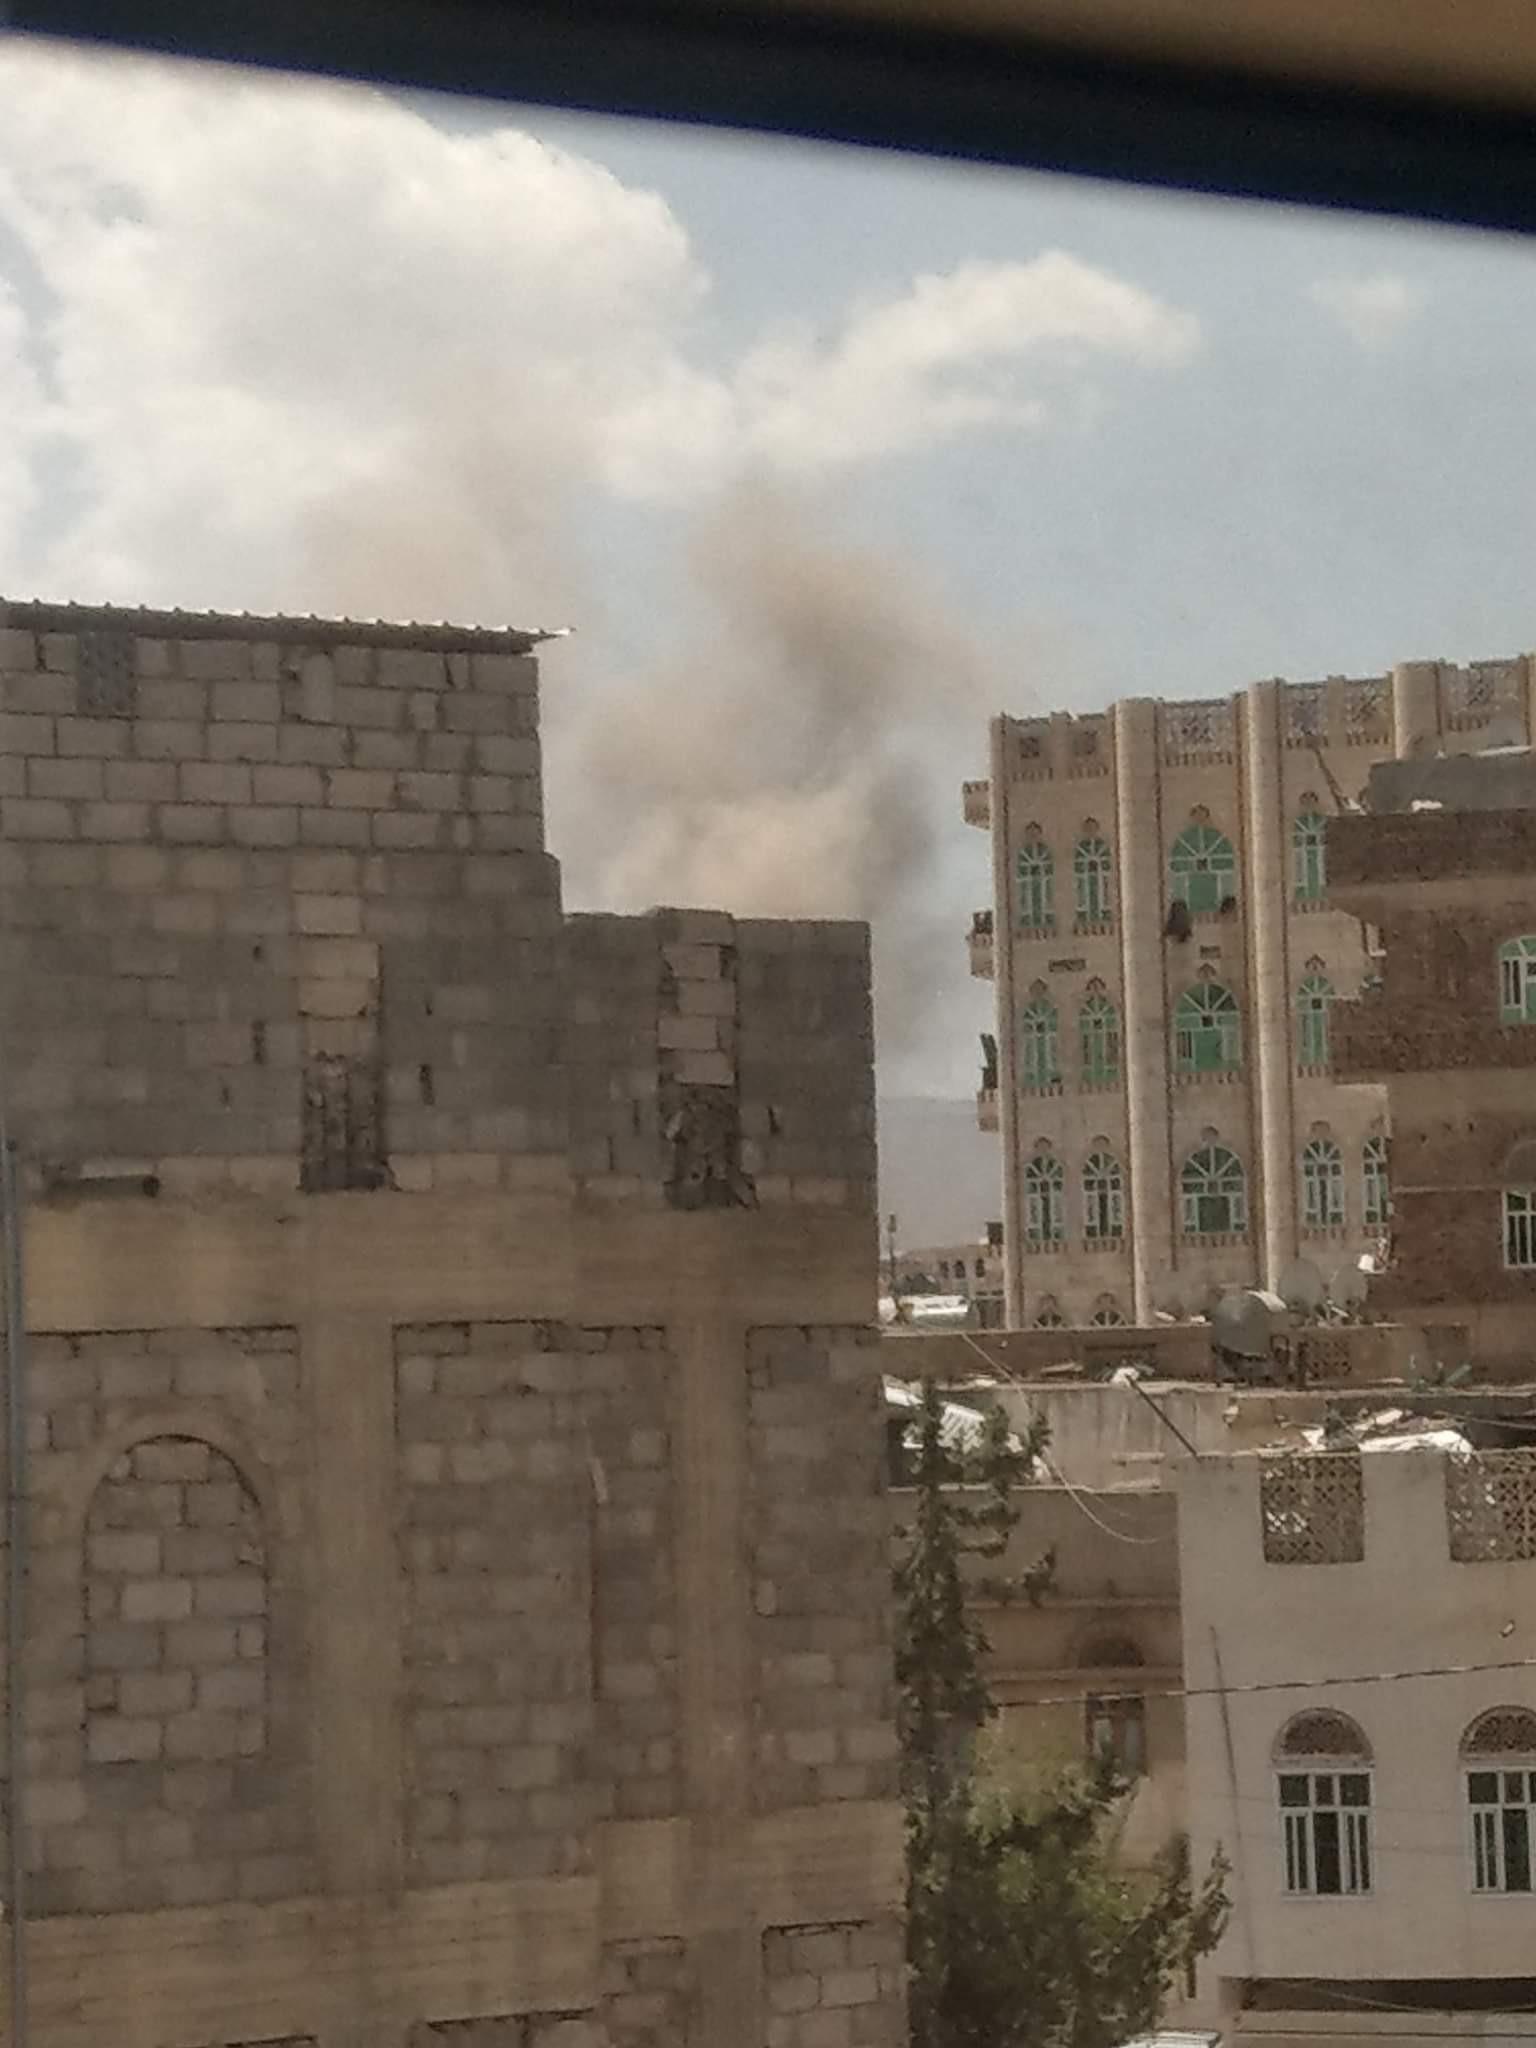 فيروس كورونا يتسبب بإيقاف مسؤولاً بارز في وكالة الأنباء سبا في صنعاء